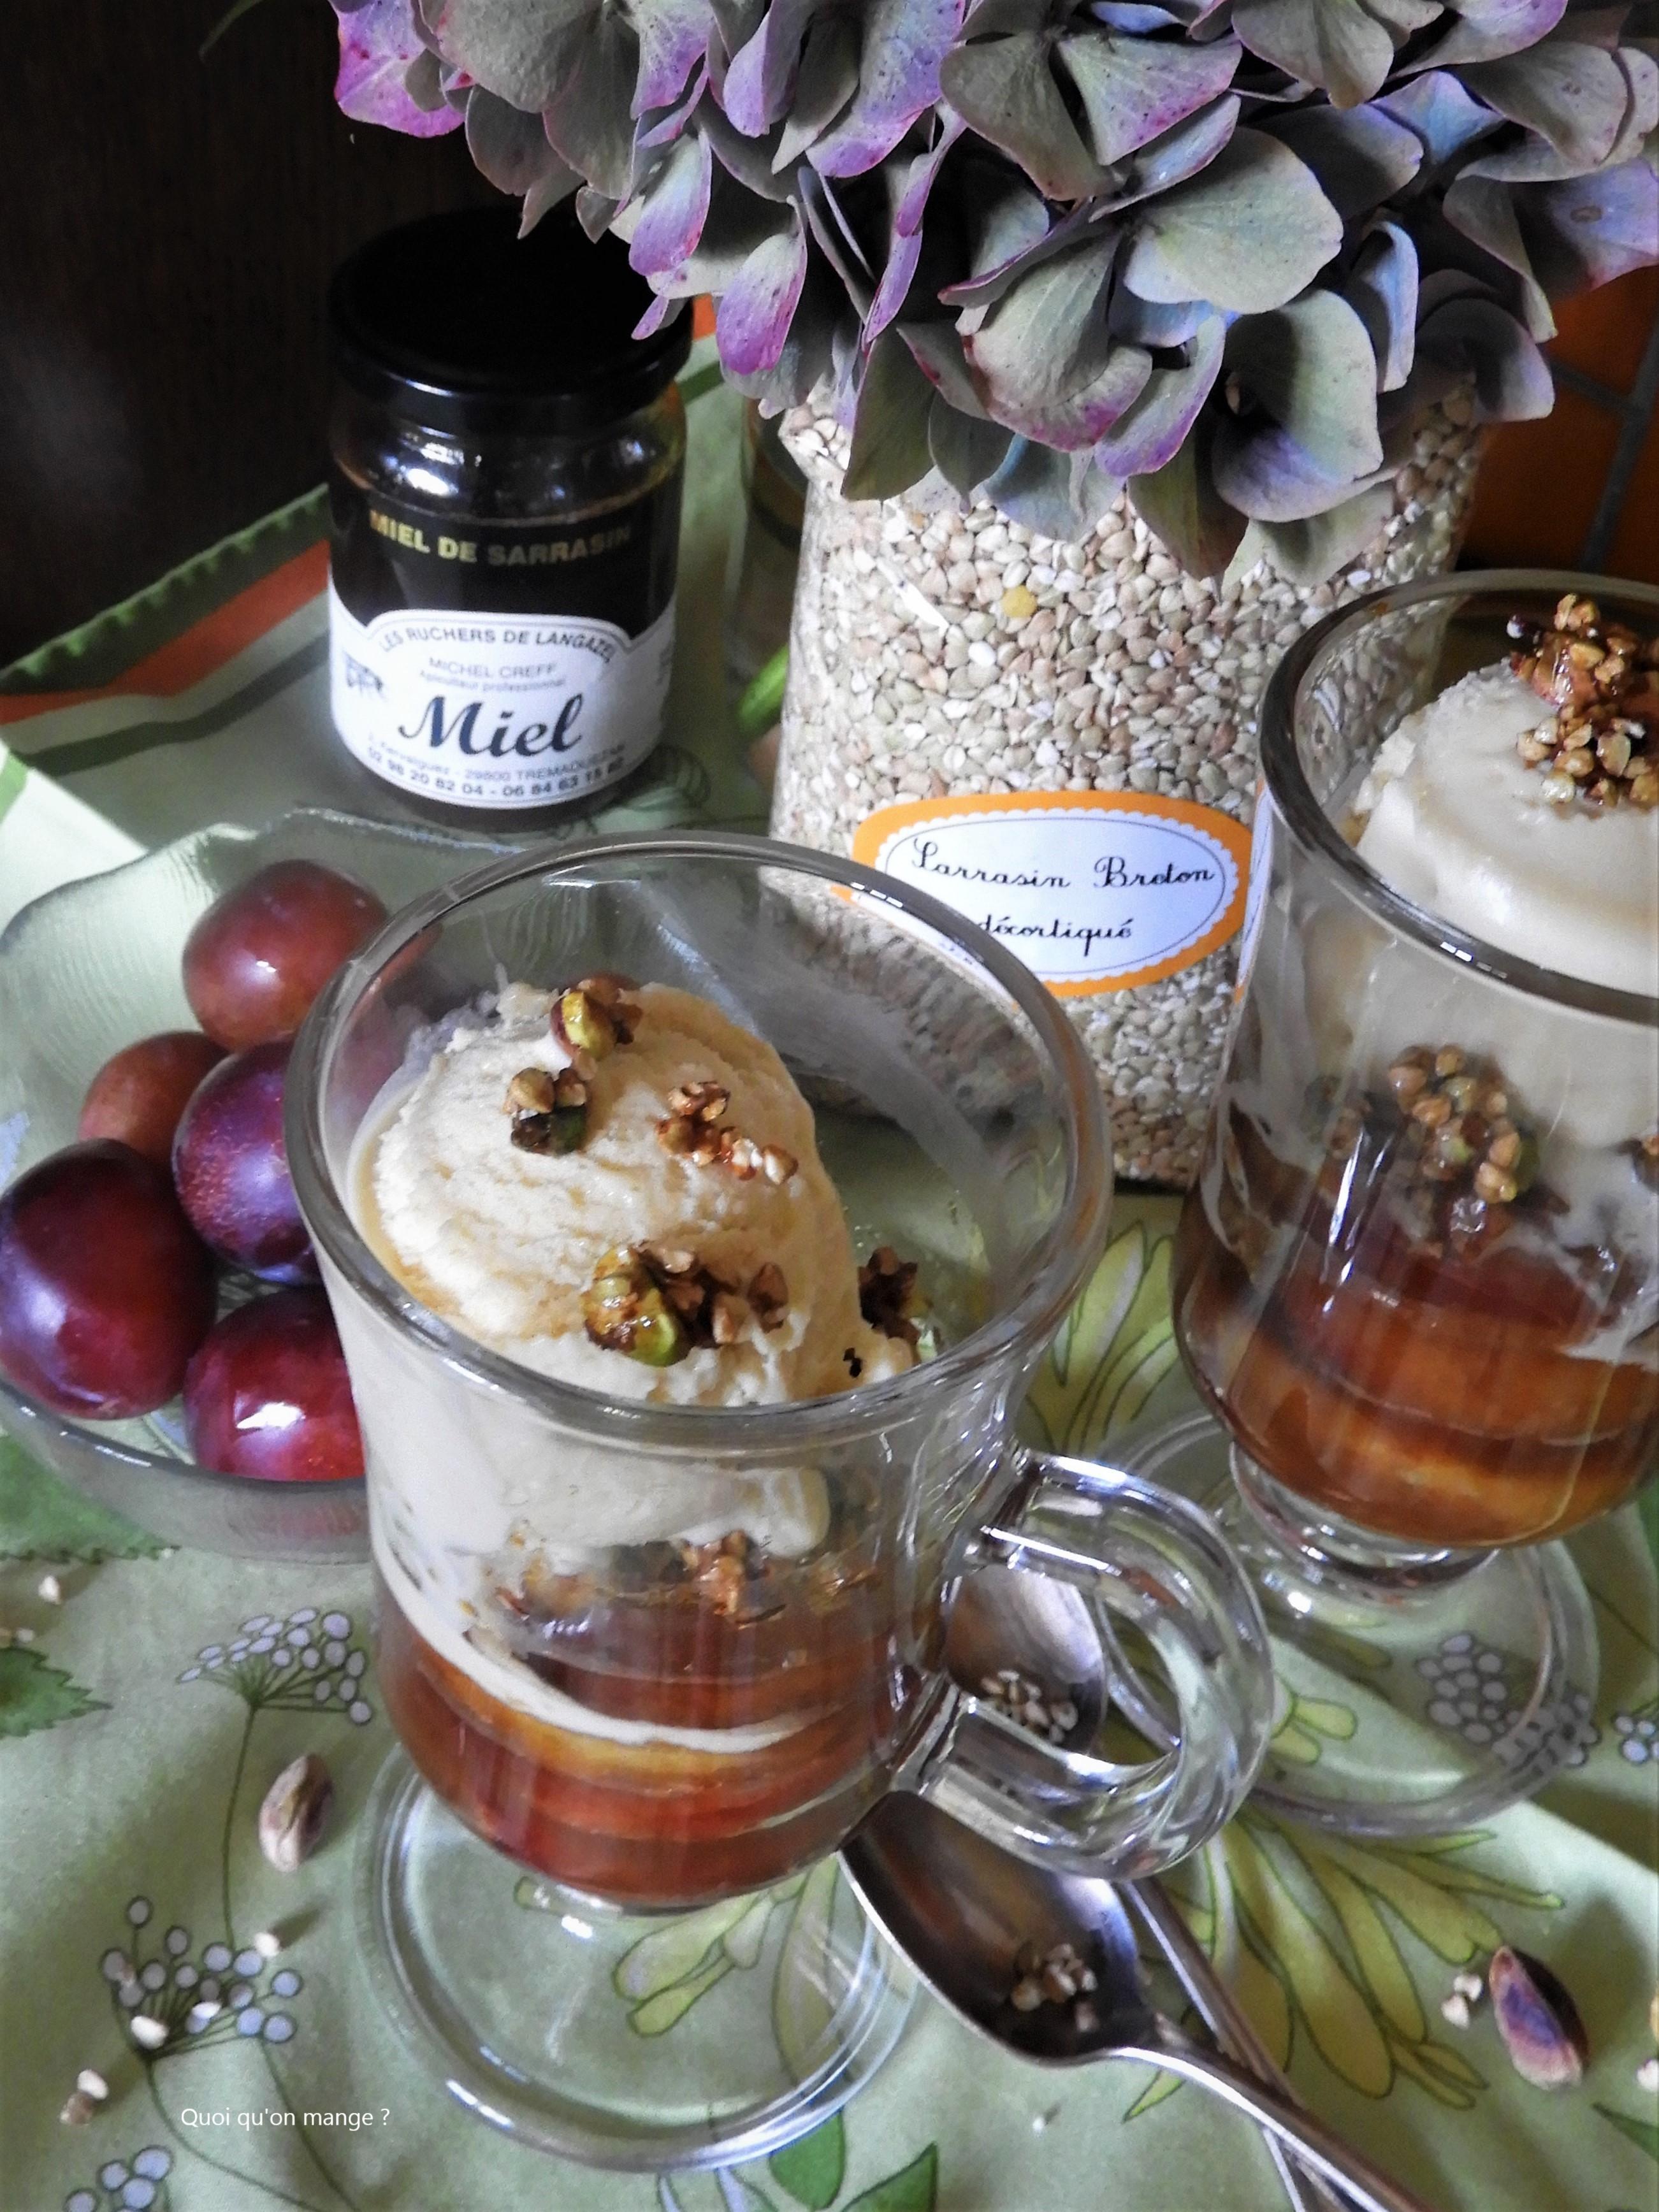 Prunes d'Ente rôties au miel de sarrasin